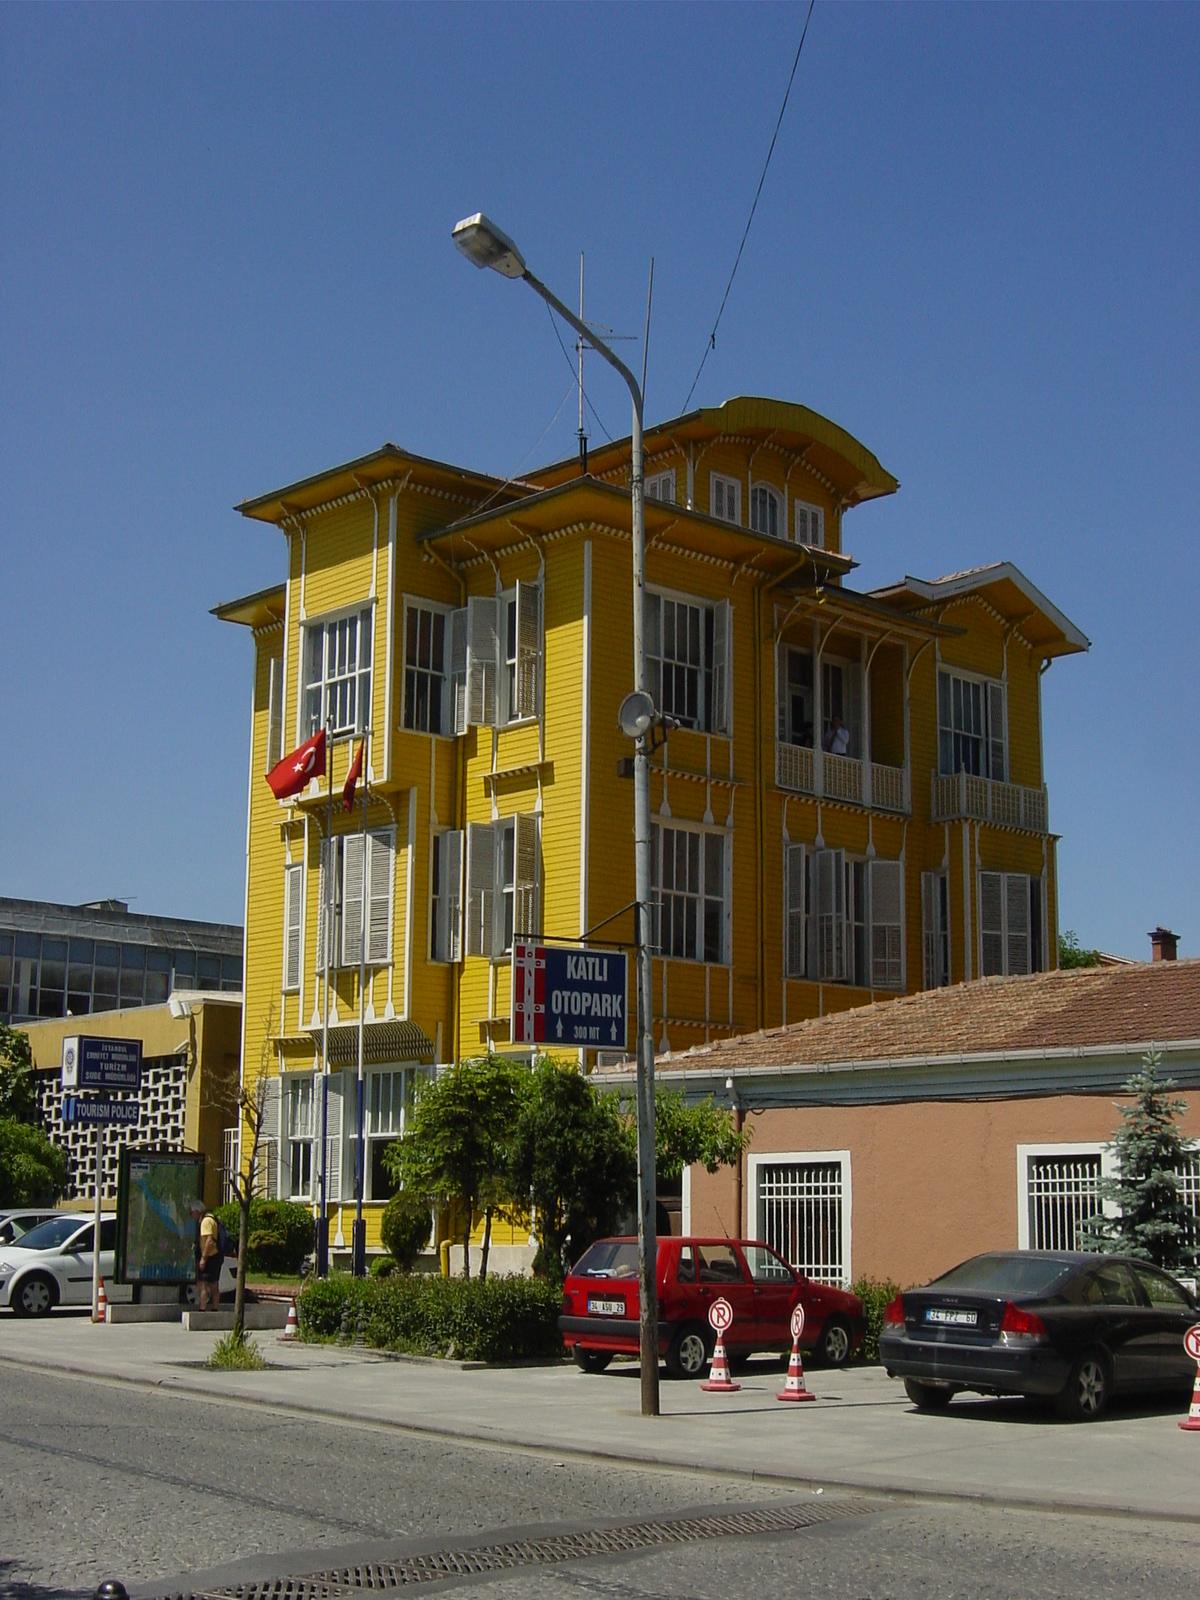 Casa Di Legno Costi file:dsc04101 istanbul - casa in legno - foto g. dall'orto